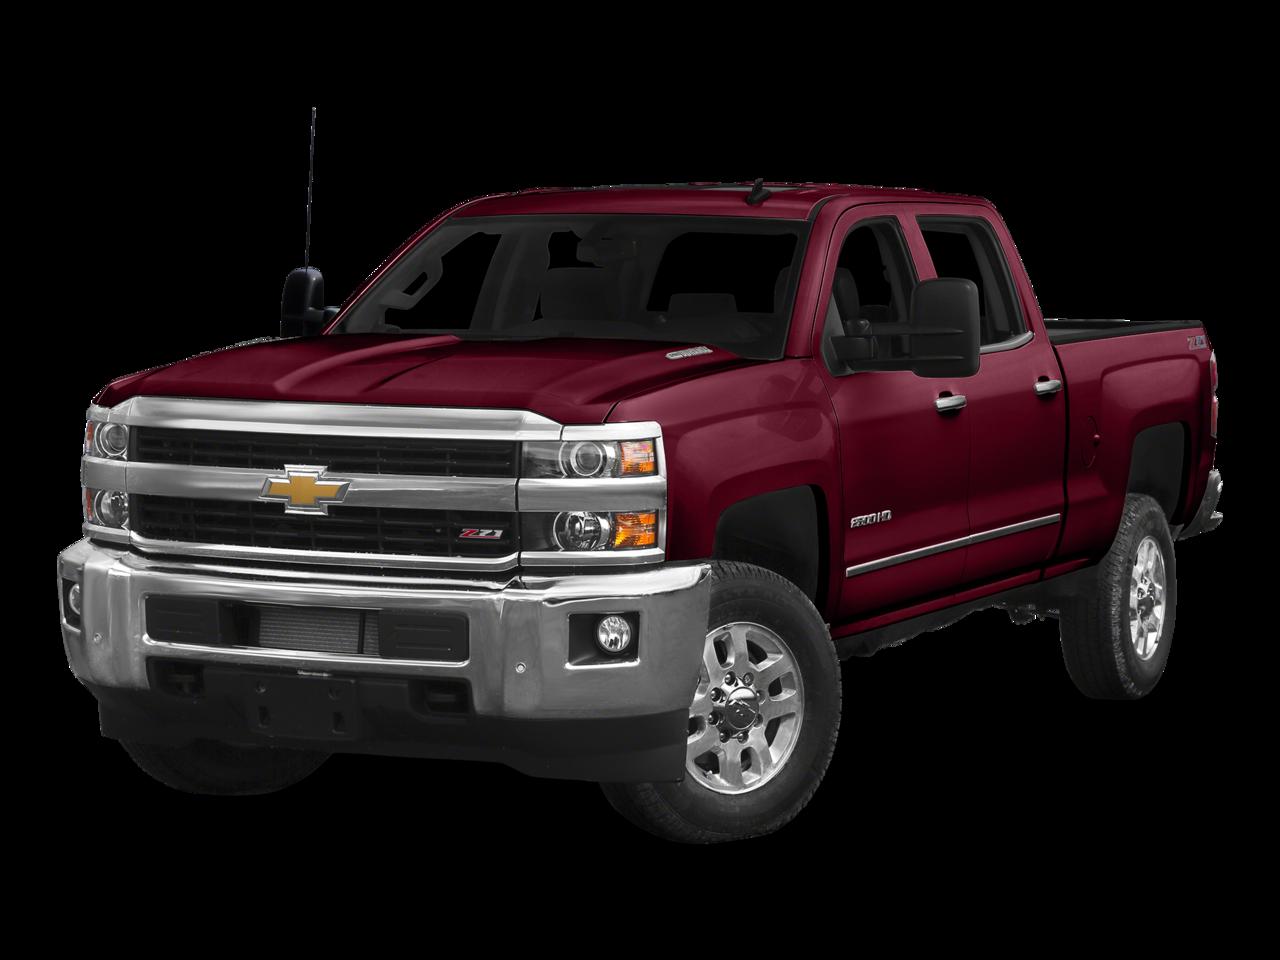 Used Car Dealerships Idaho Falls >> Rigby and Idaho Falls Vehicle Source - Taylor Chevrolet ...